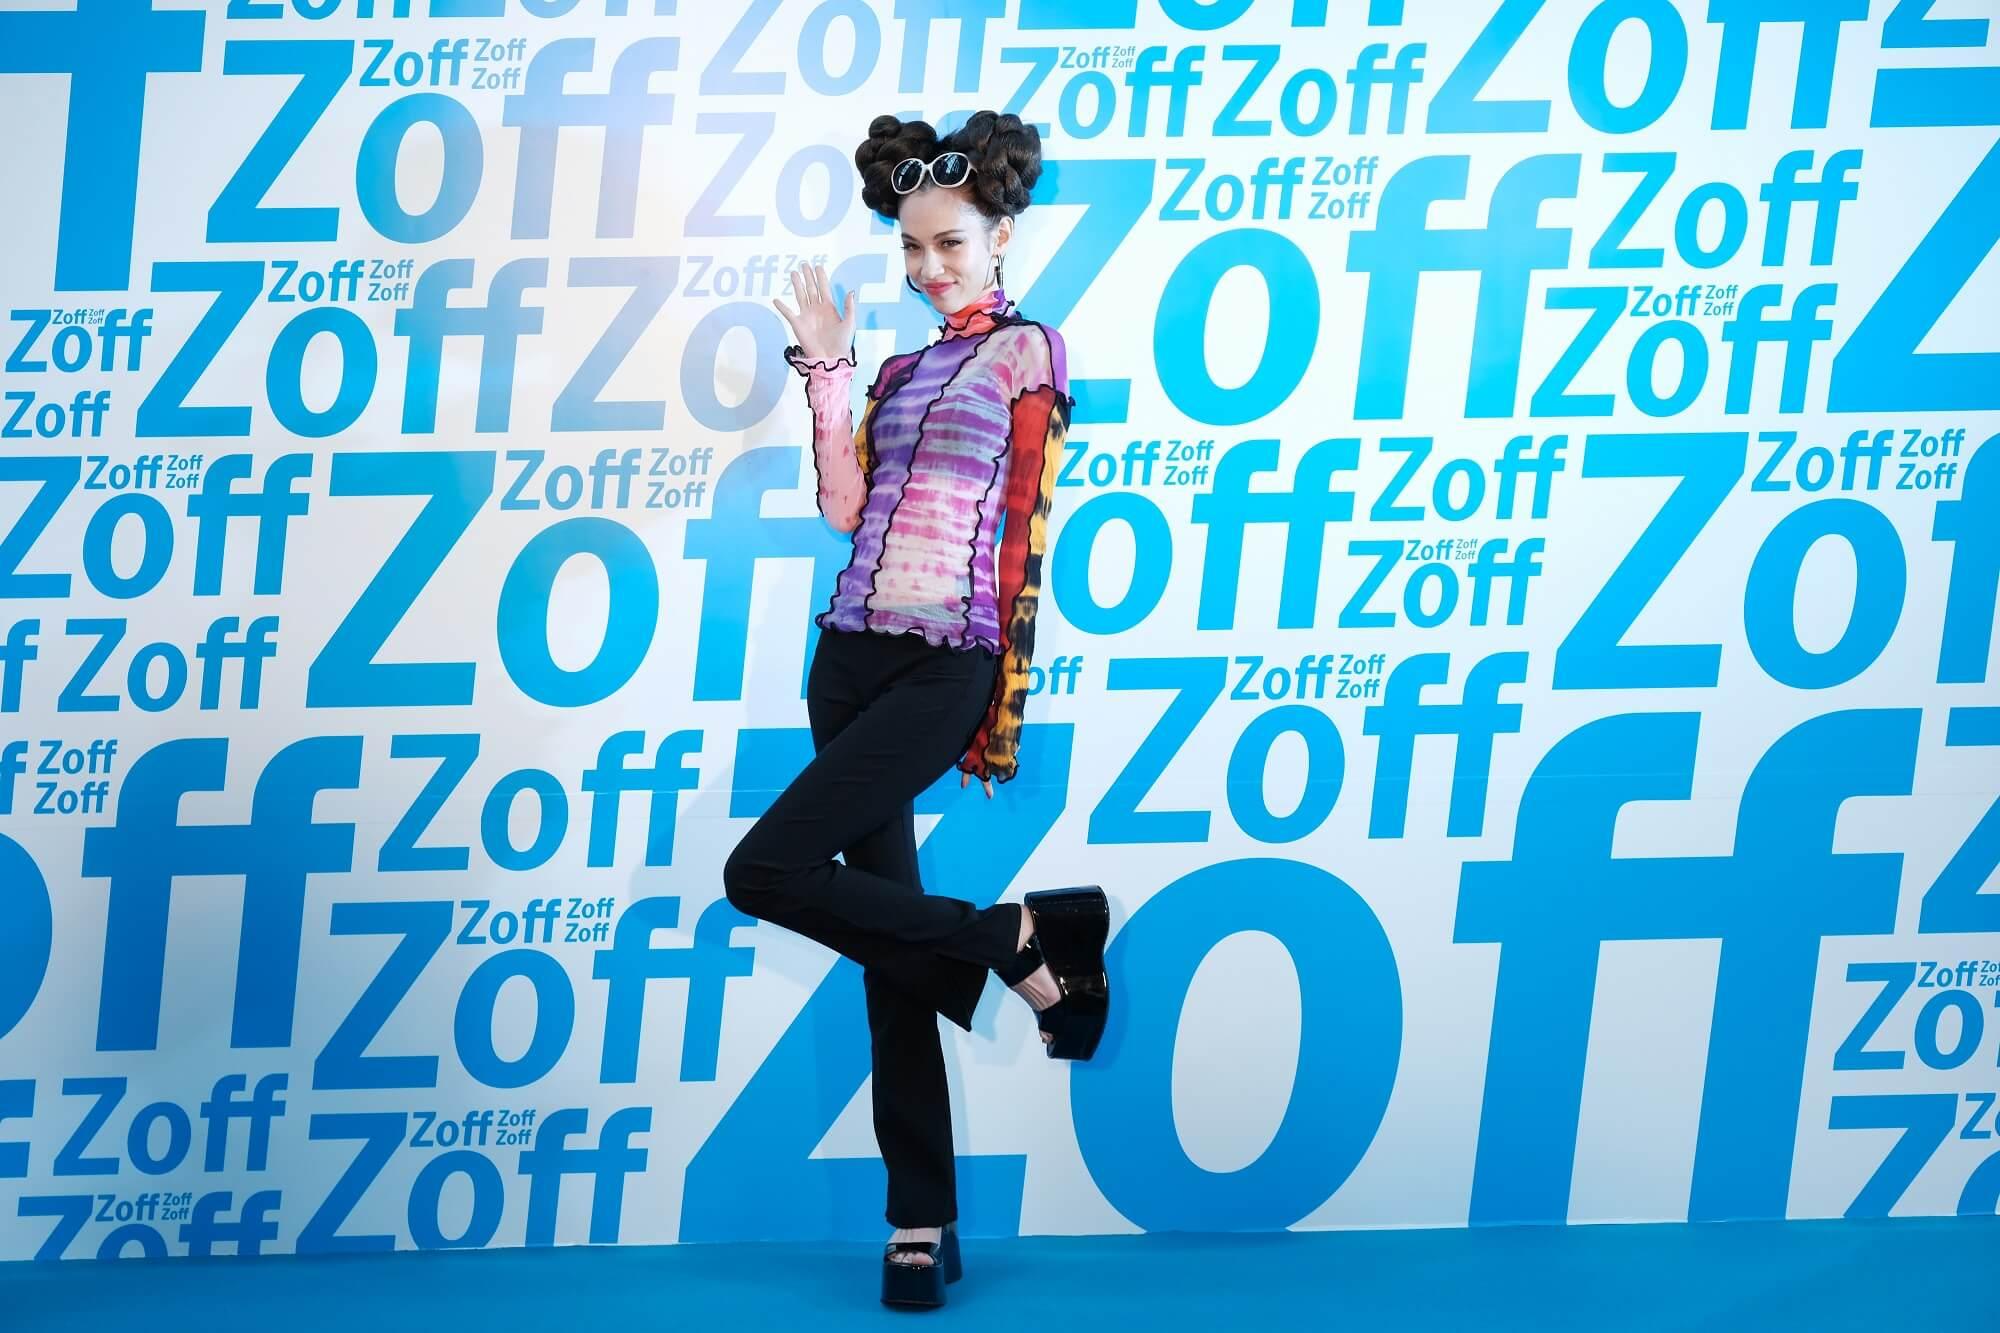 水原希子出席香港・旺角開幕的「Zoff」記念活動!